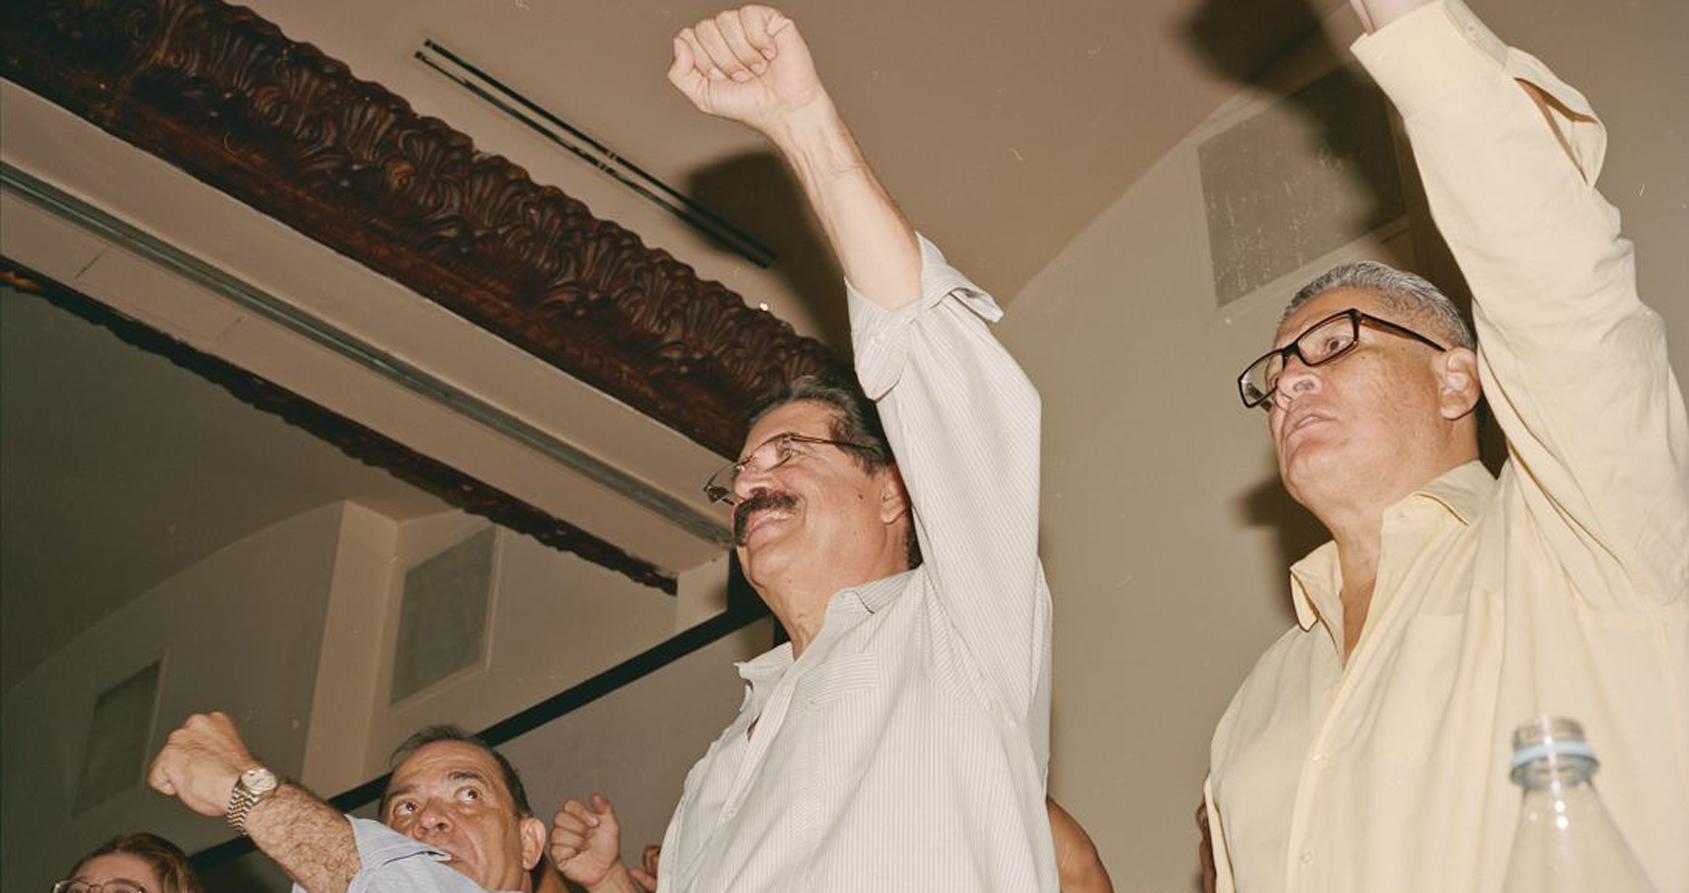 L'Ancien Président Hondurien Manuel Zelaya Conférence du Parti Libre Crédits : Dominic Bracco II